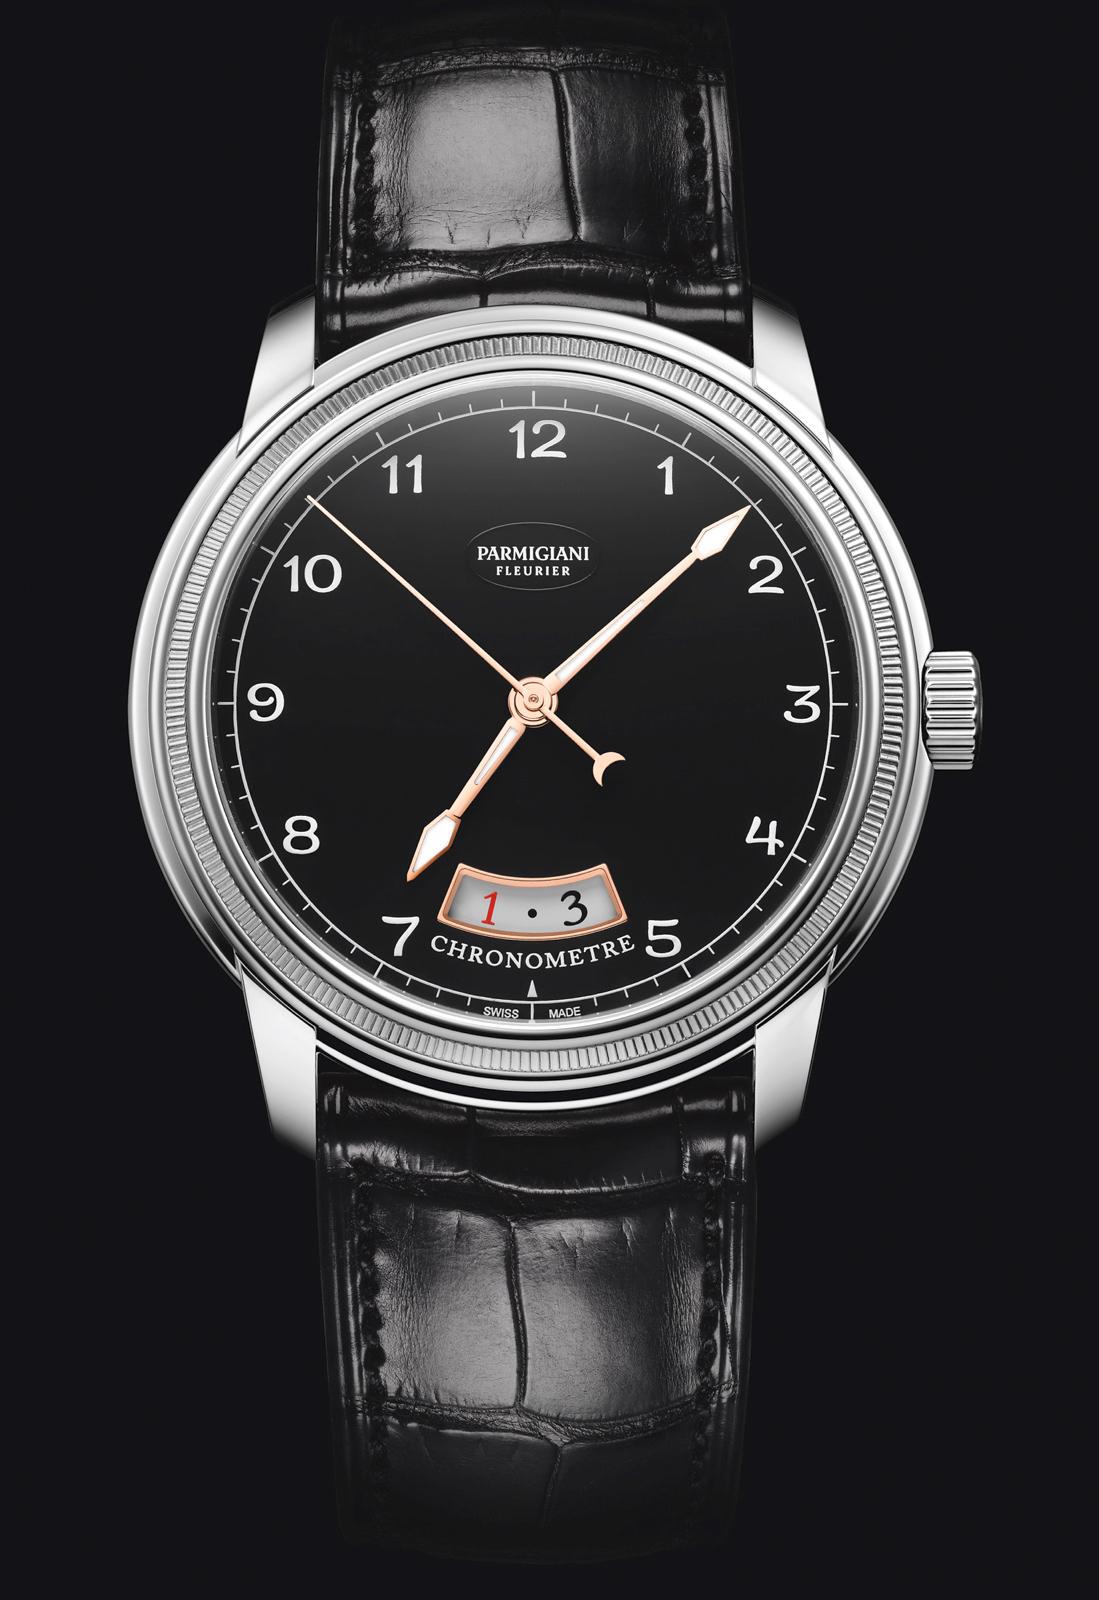 SIHH 2017 - Parmigiani Fleurier - Toric Chronometre